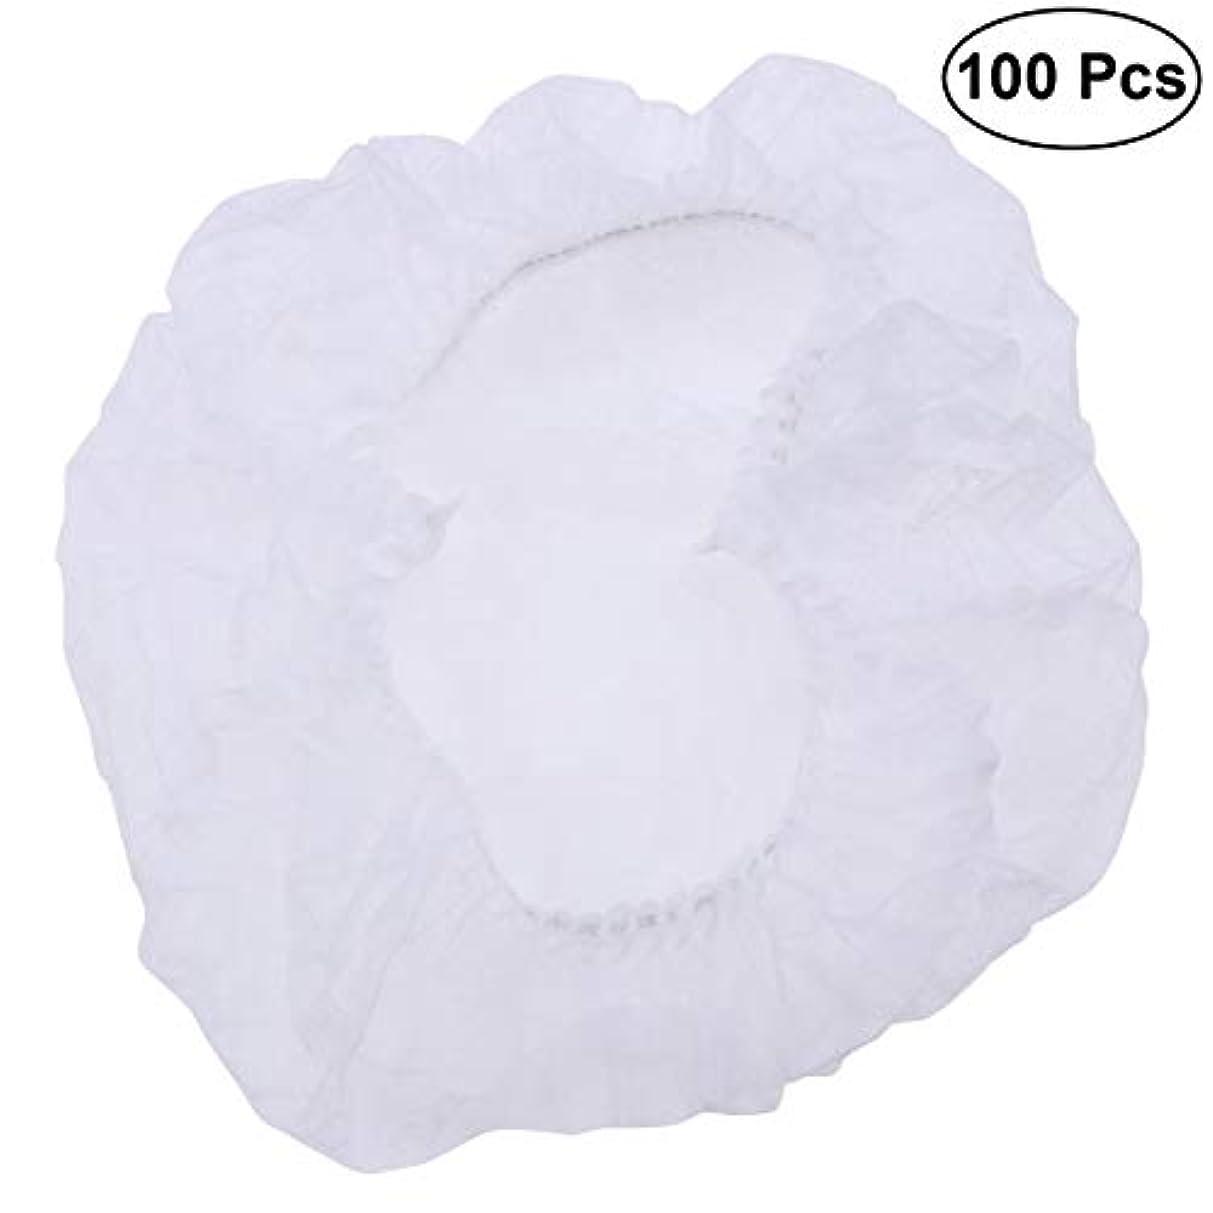 これらインタフェース輝度SUPVOX ヘアサロンの家のホテル100pcsのための使い捨て可能なシャワーキャップの伸縮性がある毛の帽子